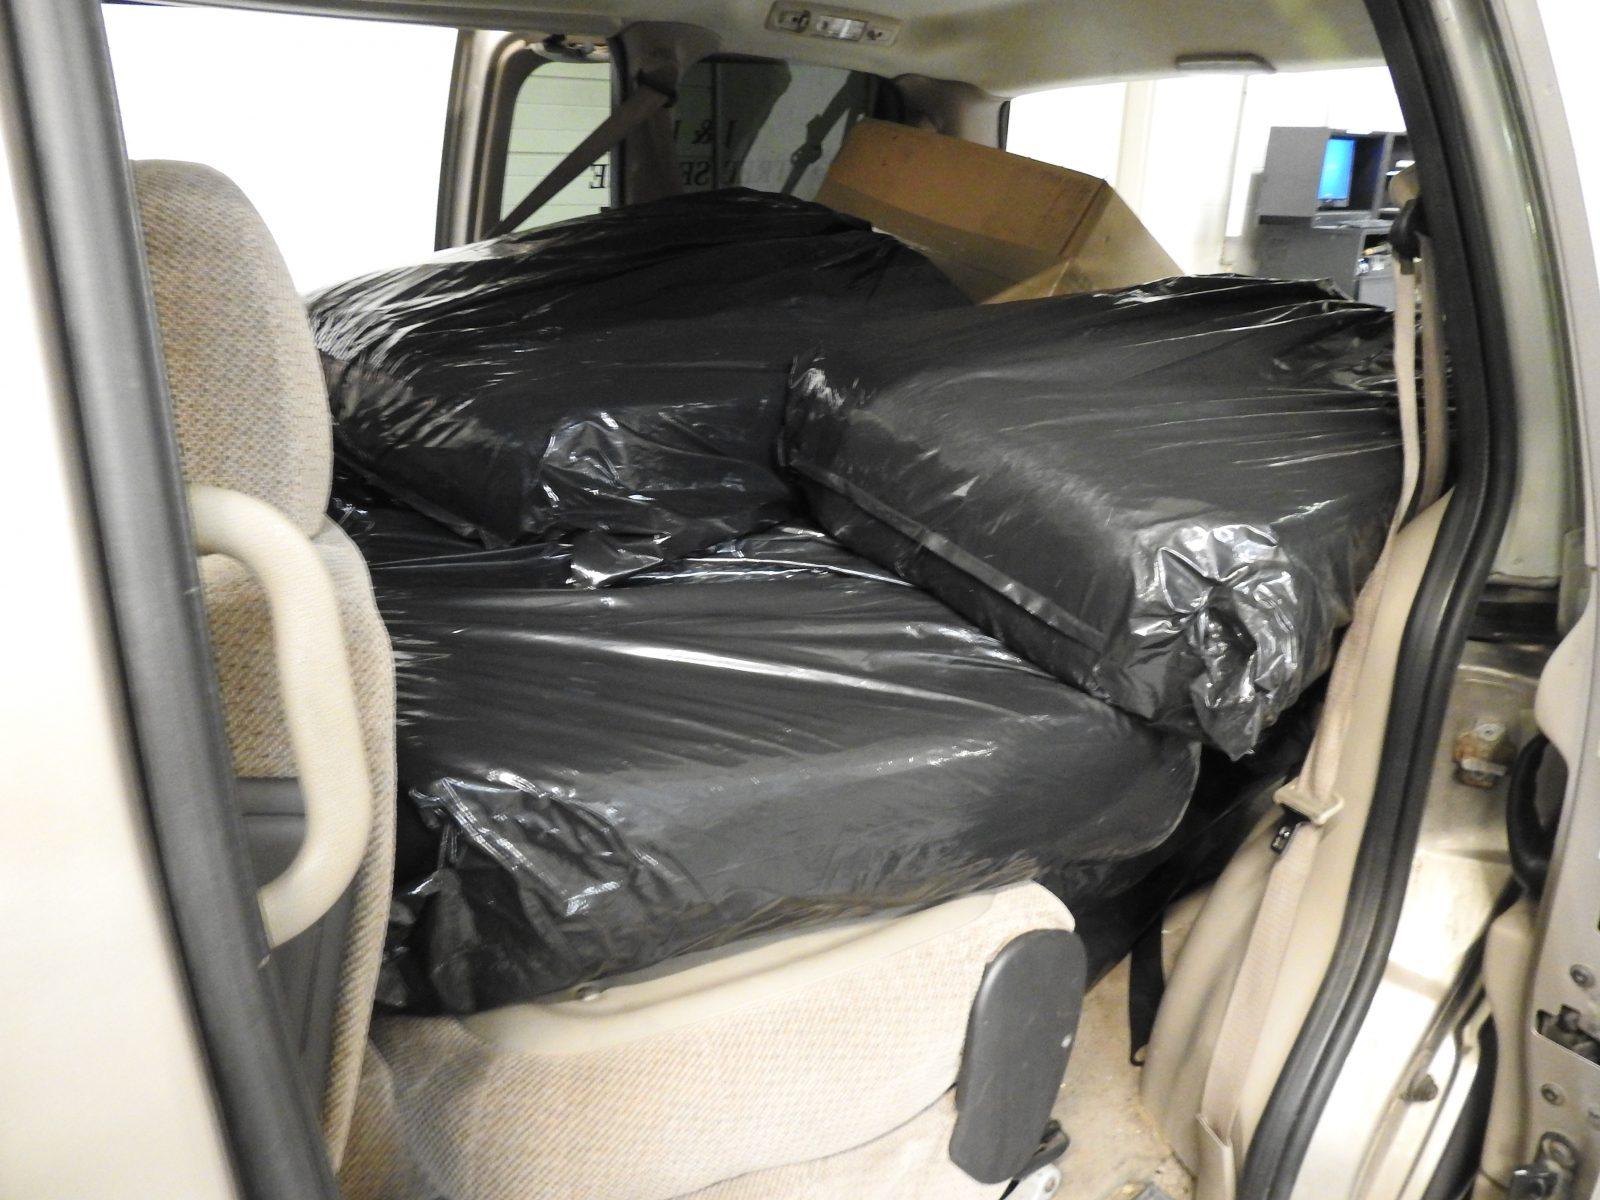 CRTF seize 12 bags of tobacco, dozens of cigarettes